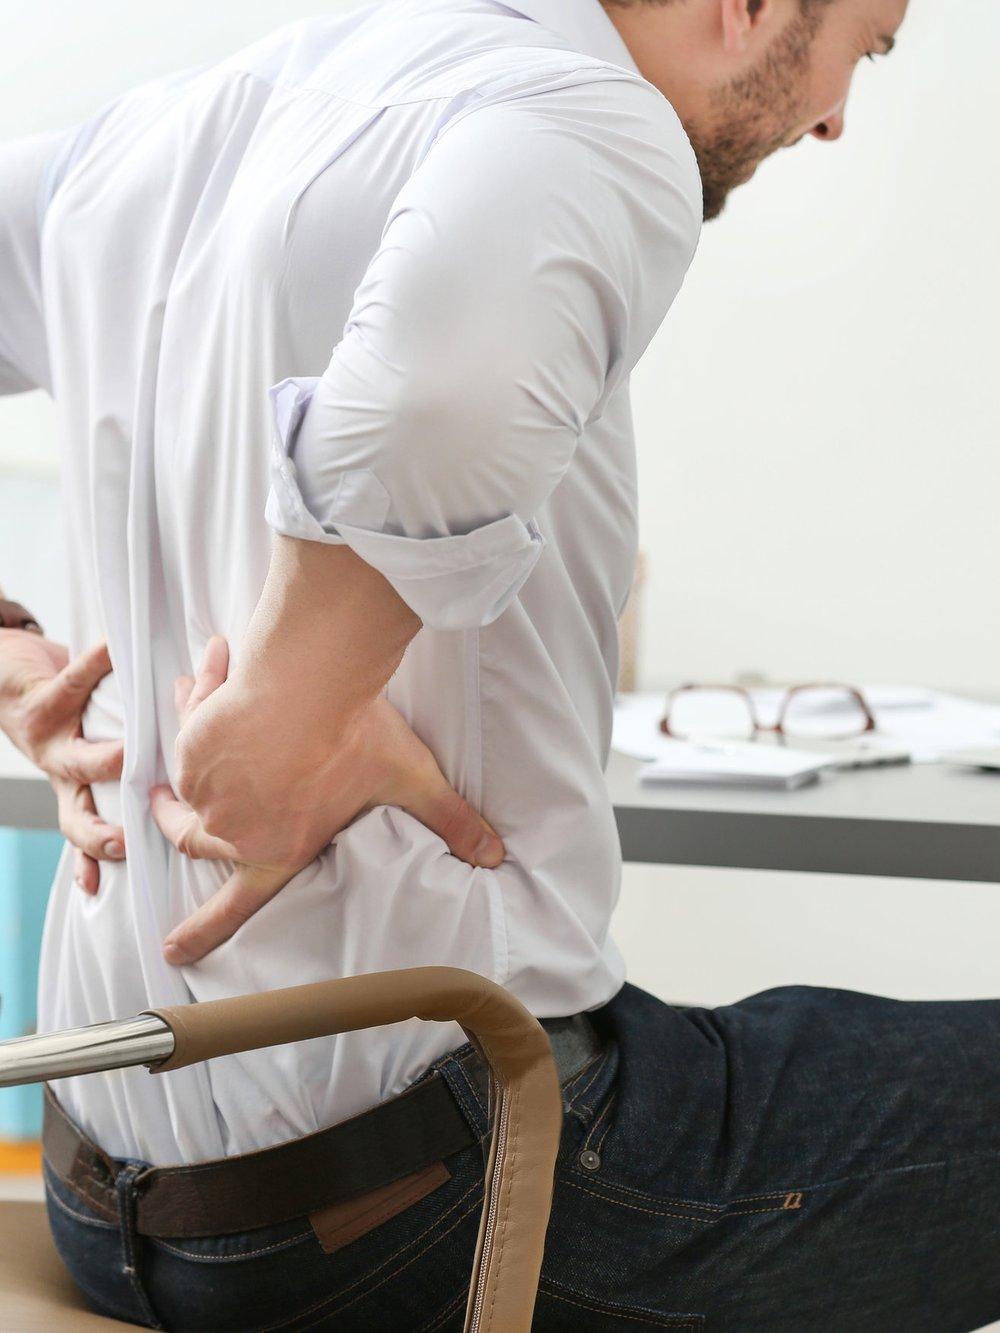 Clinical Massage -